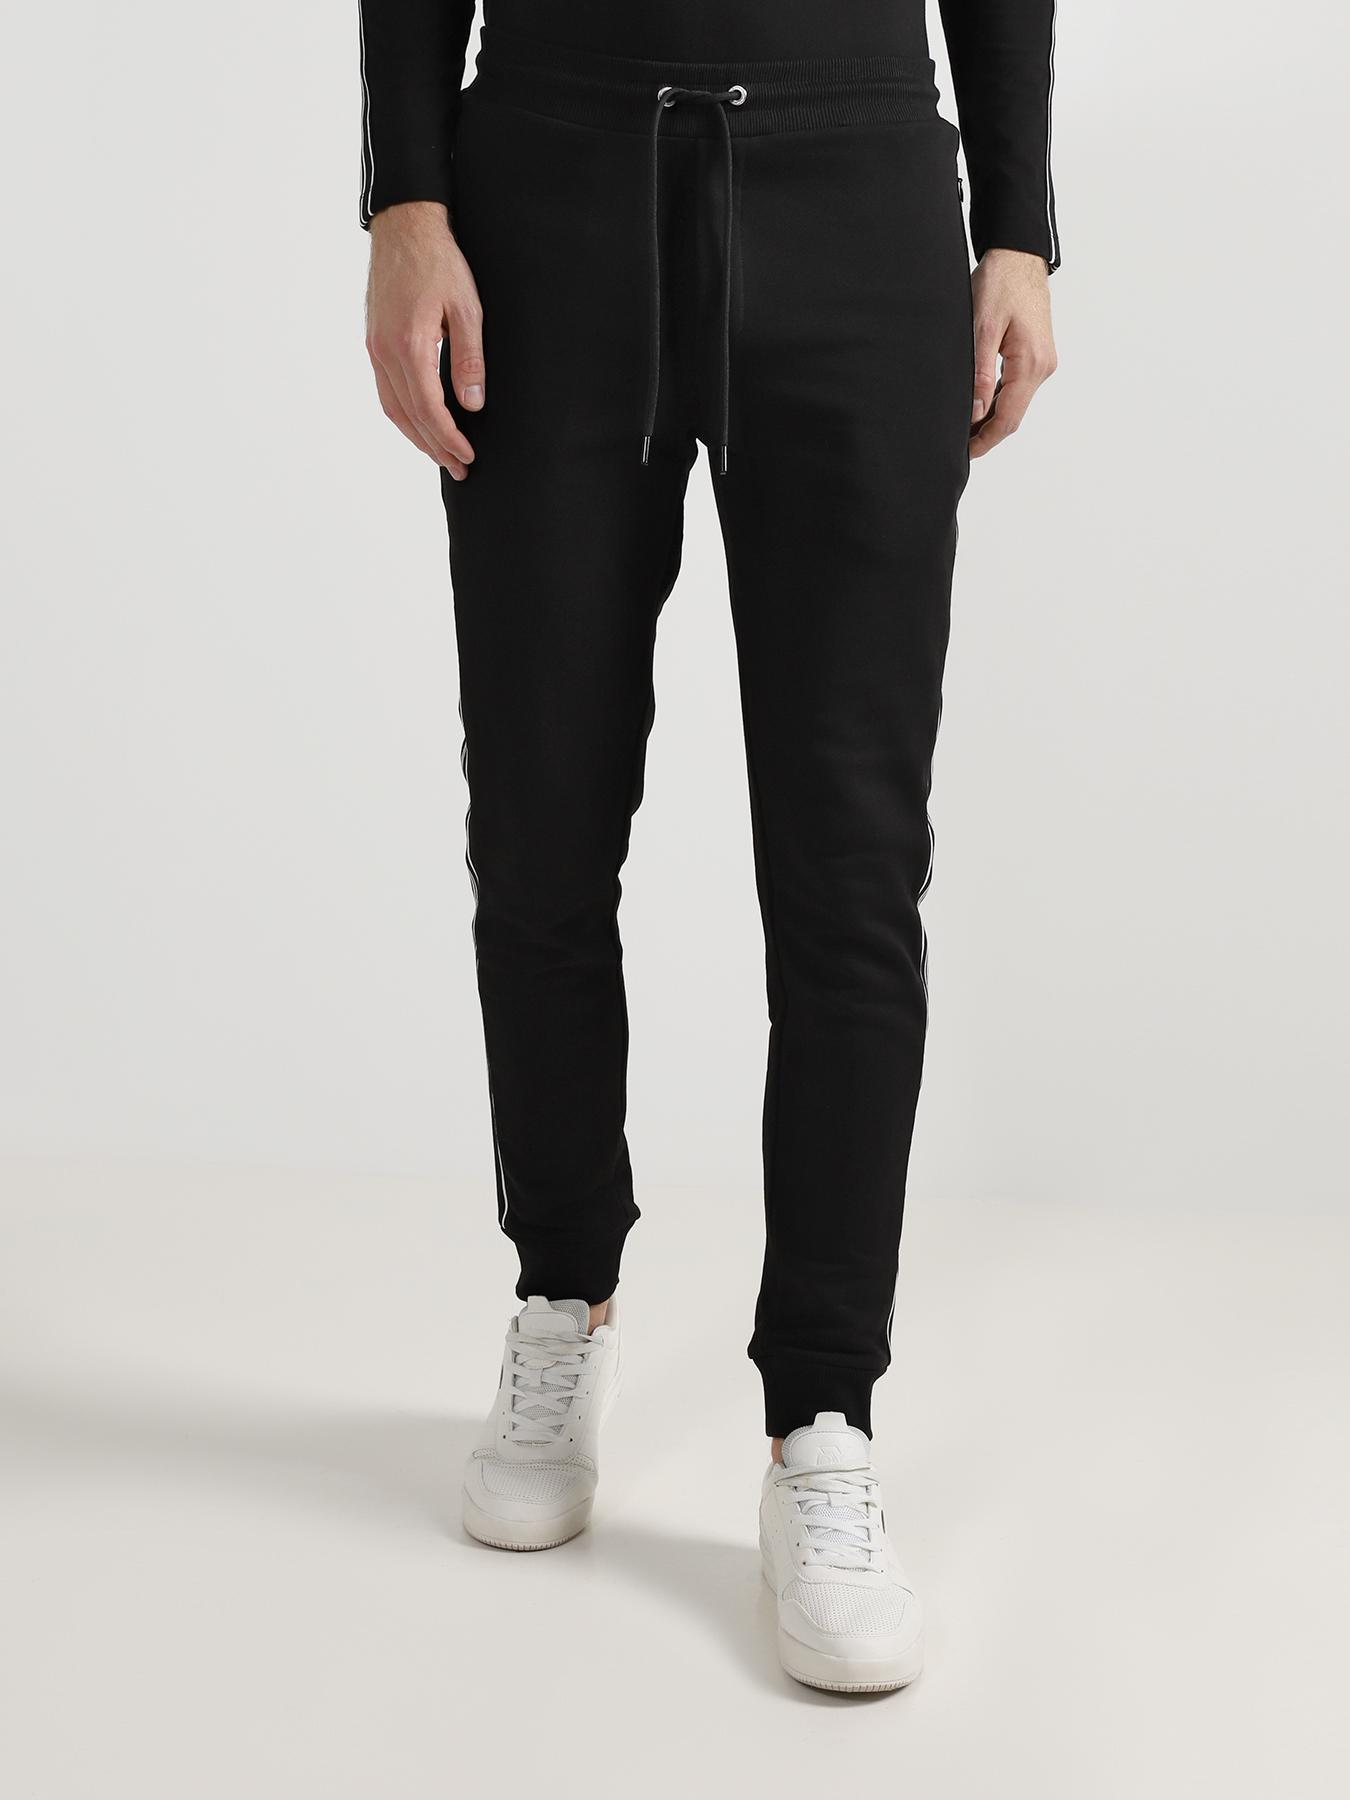 Спортивные брюки Bikkembergs Спортивные брюки